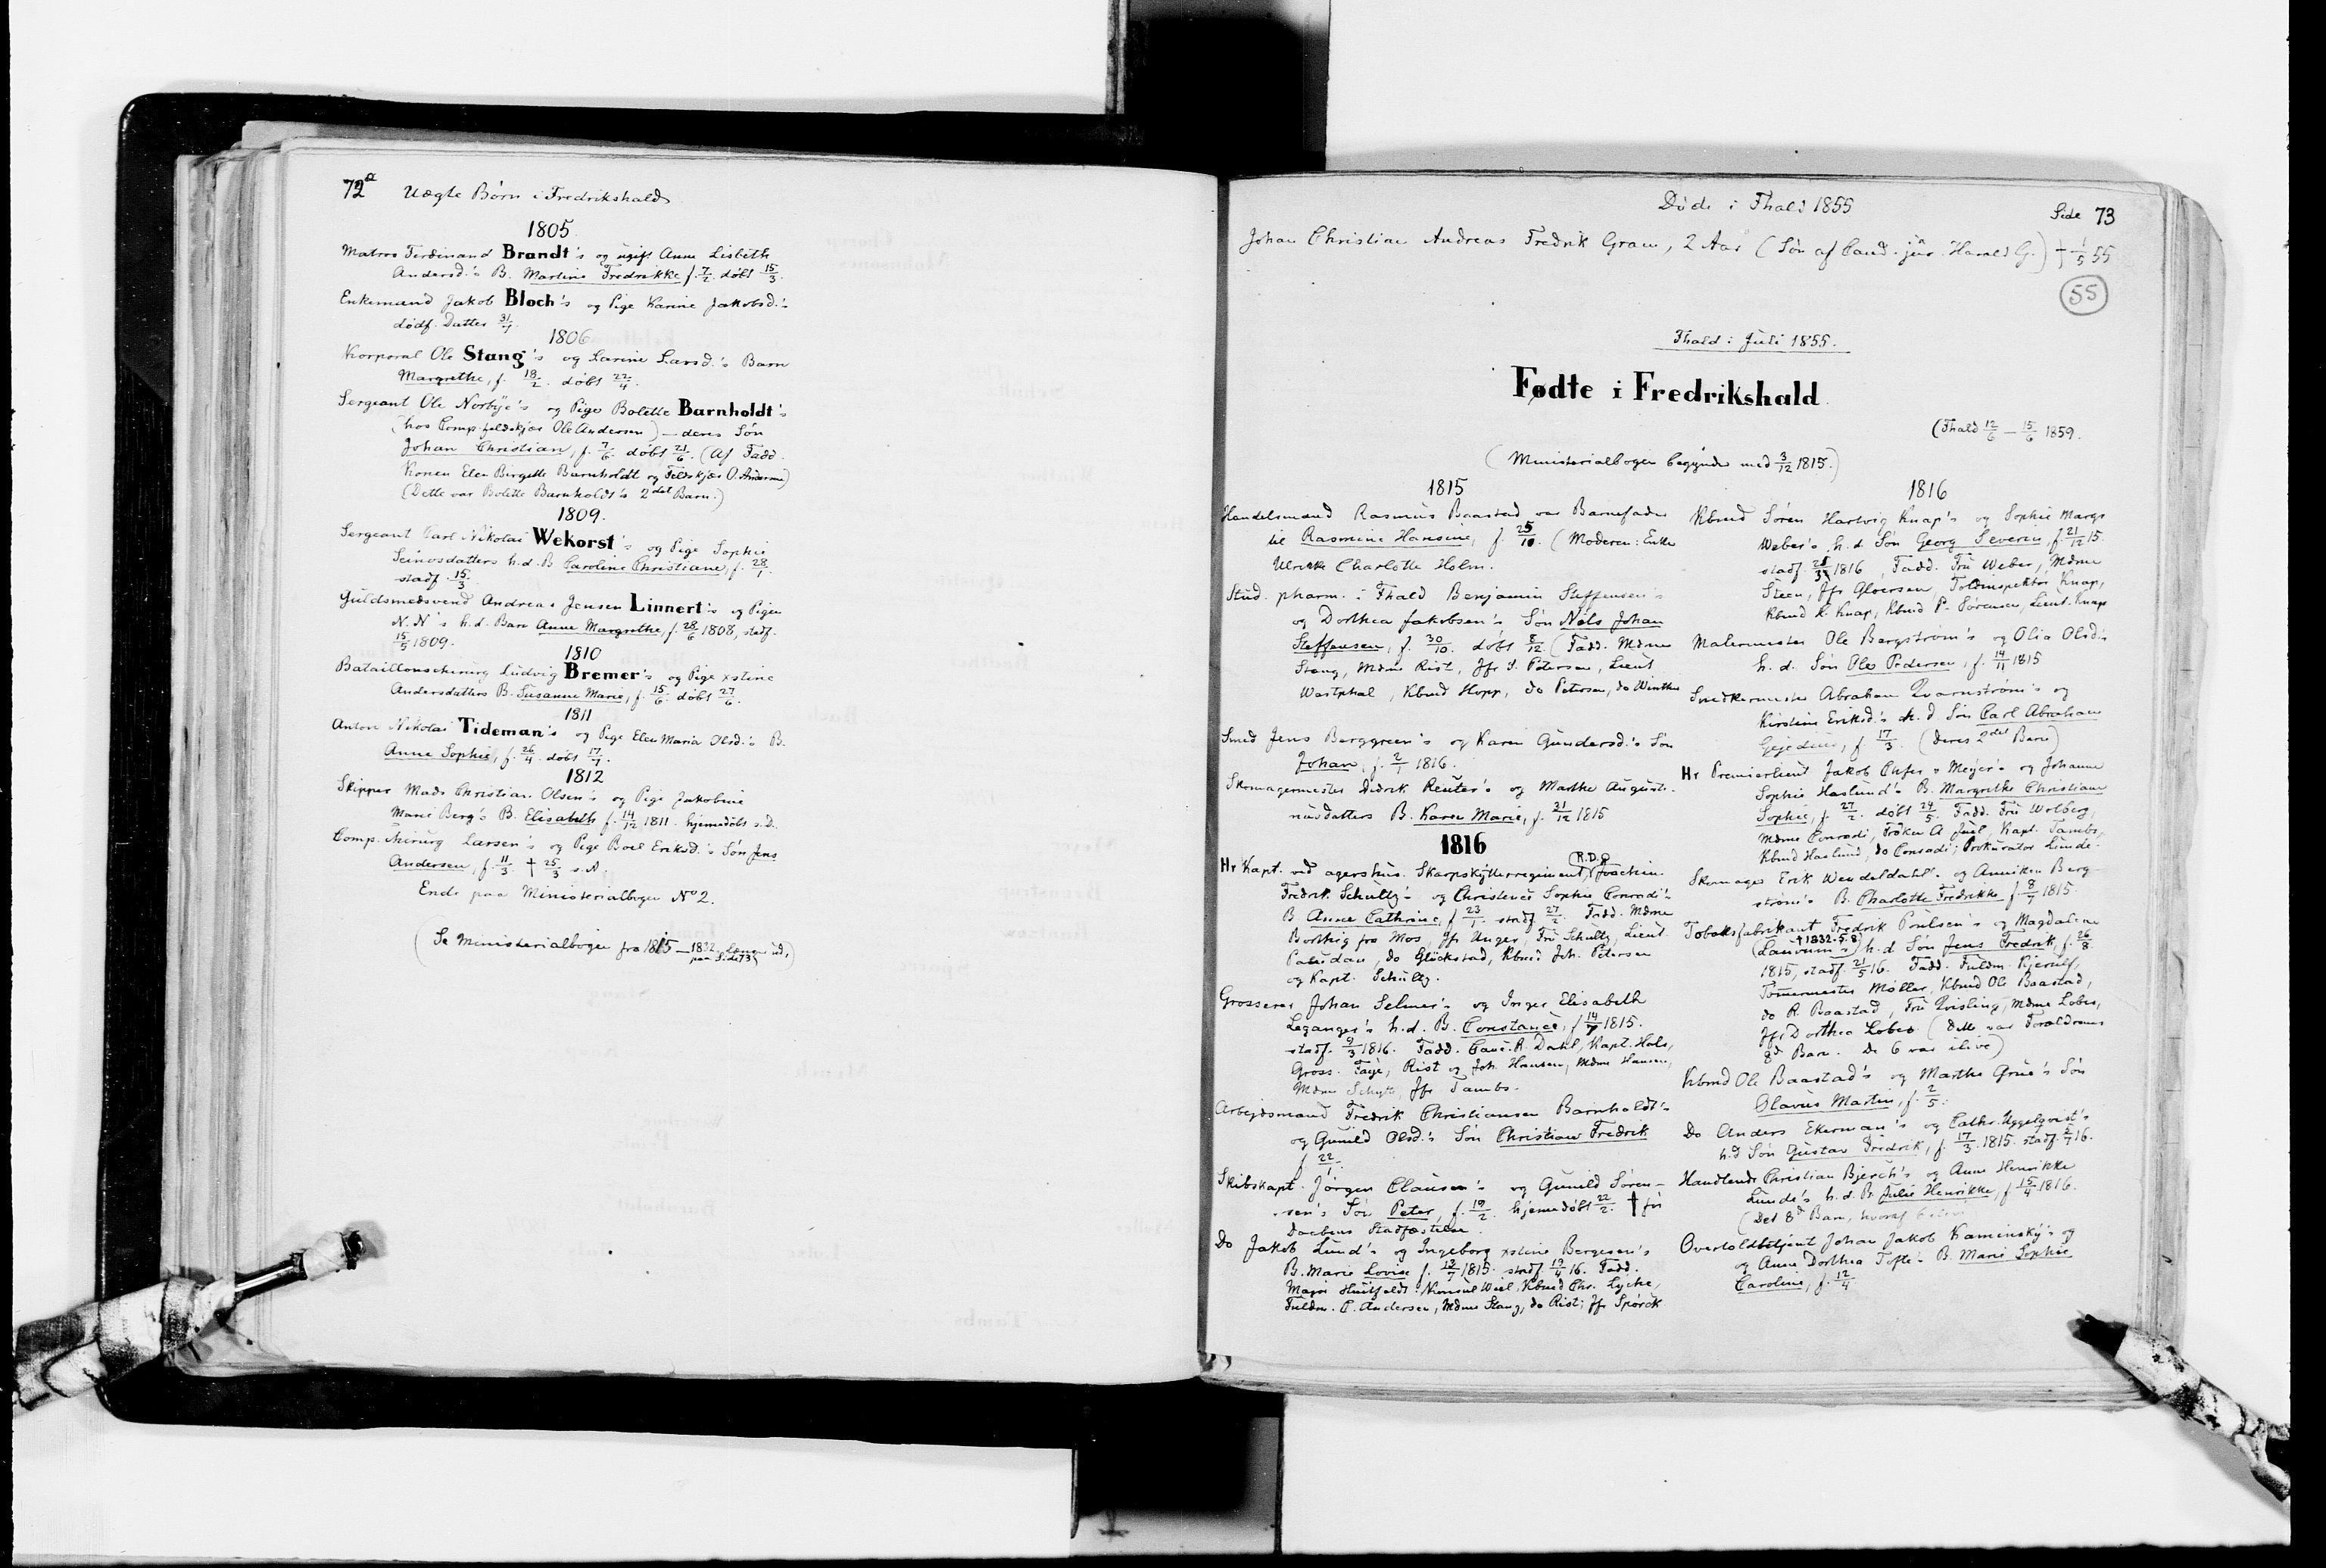 RA, Lassens samlinger, F/Fc, s. 55